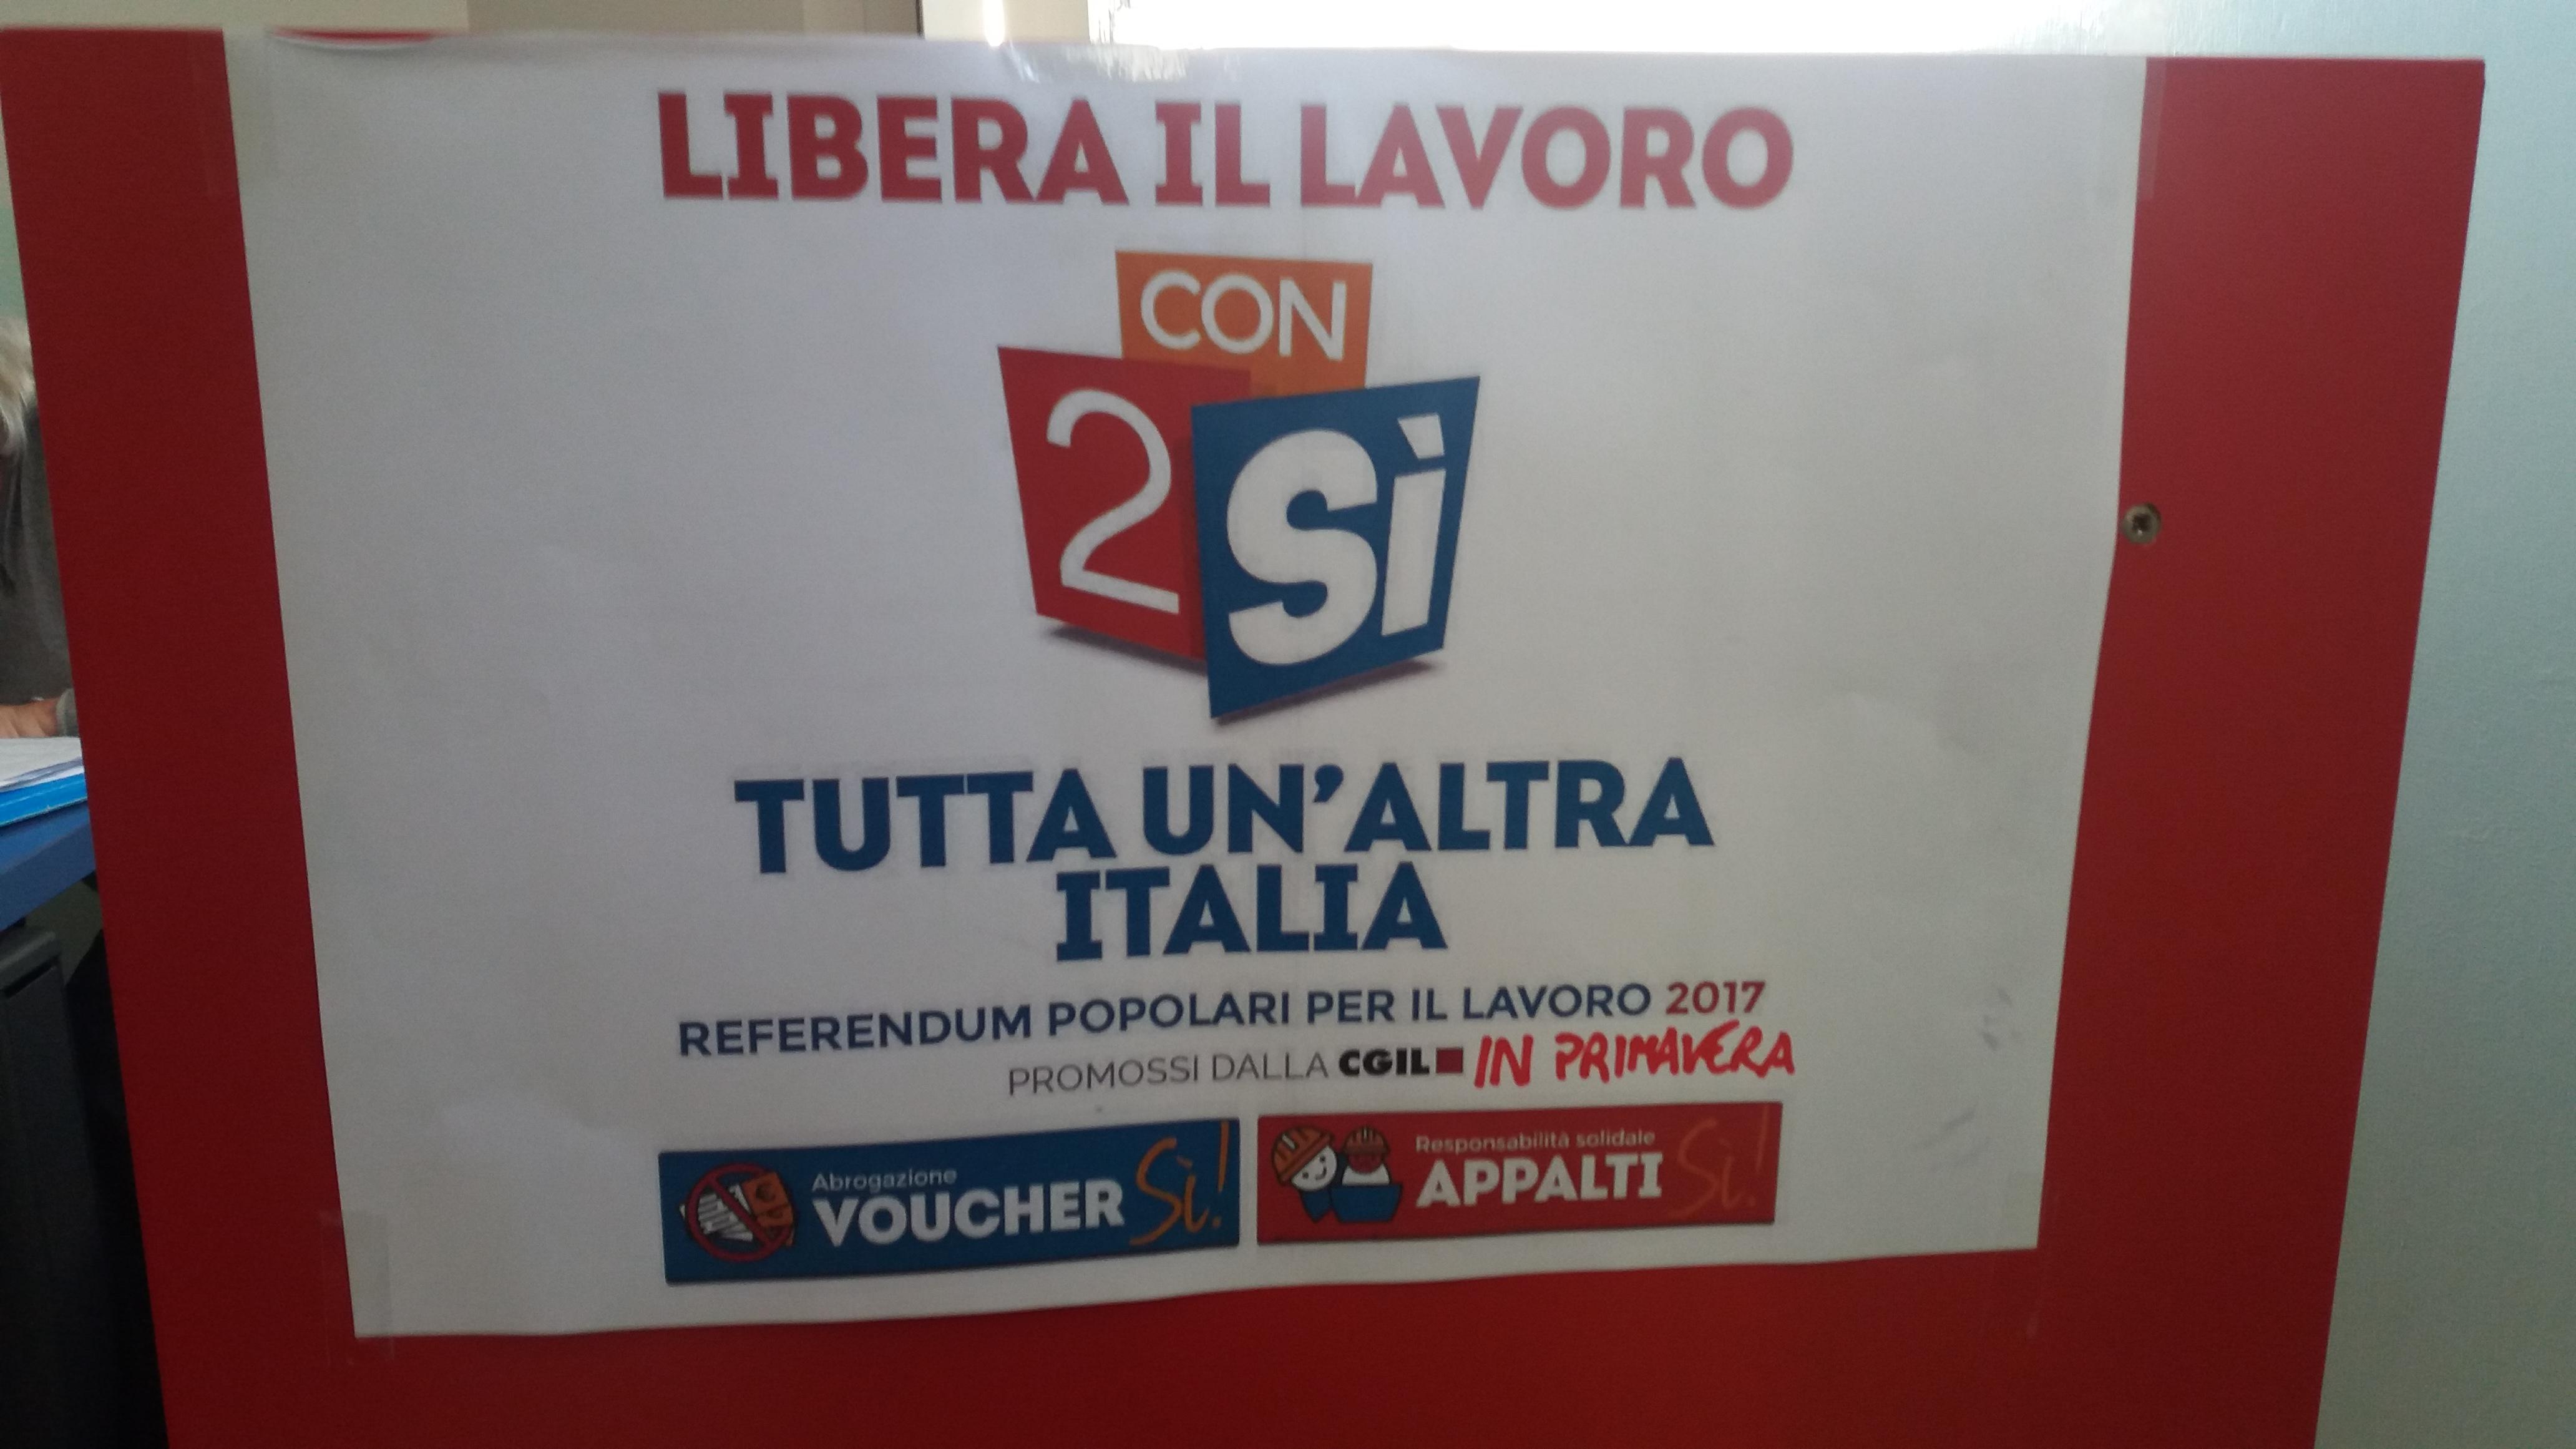 Benevento| CGIL, al via campagna referendaria sul lavoro